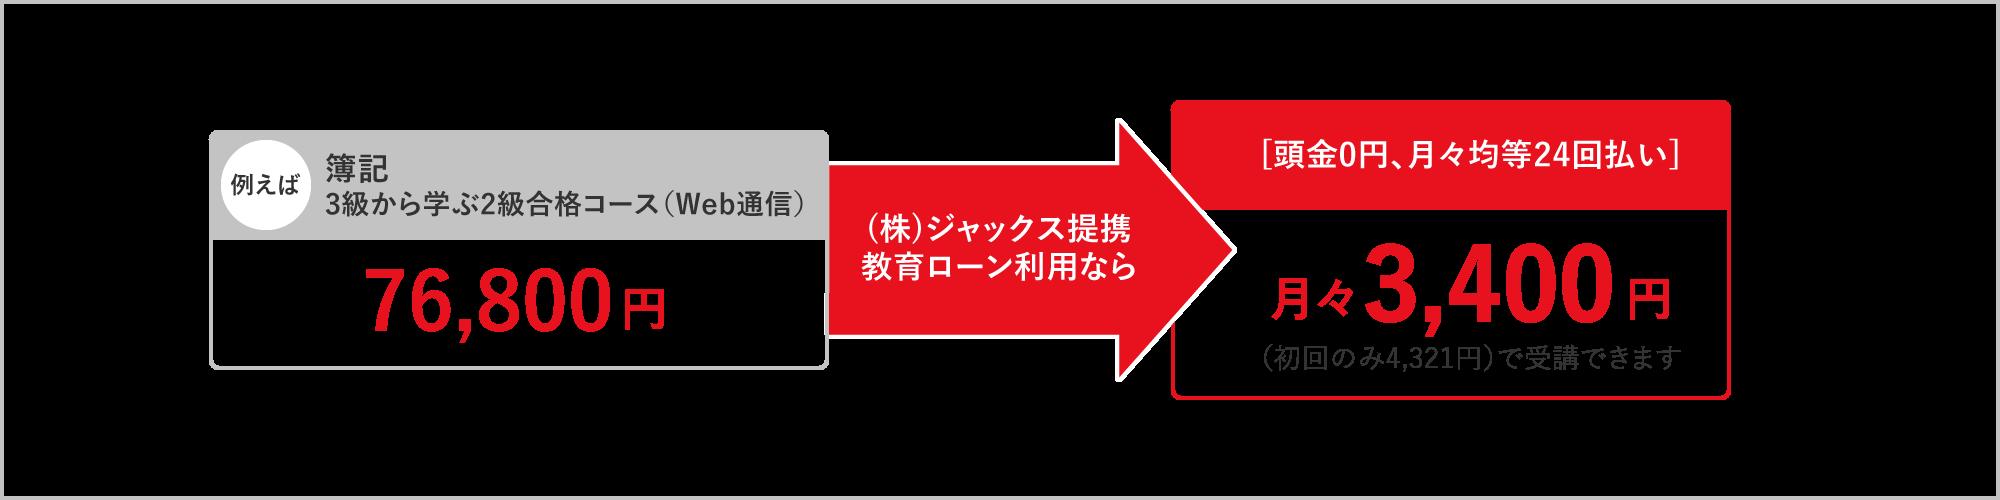 シュミレーション ジャックス ローン